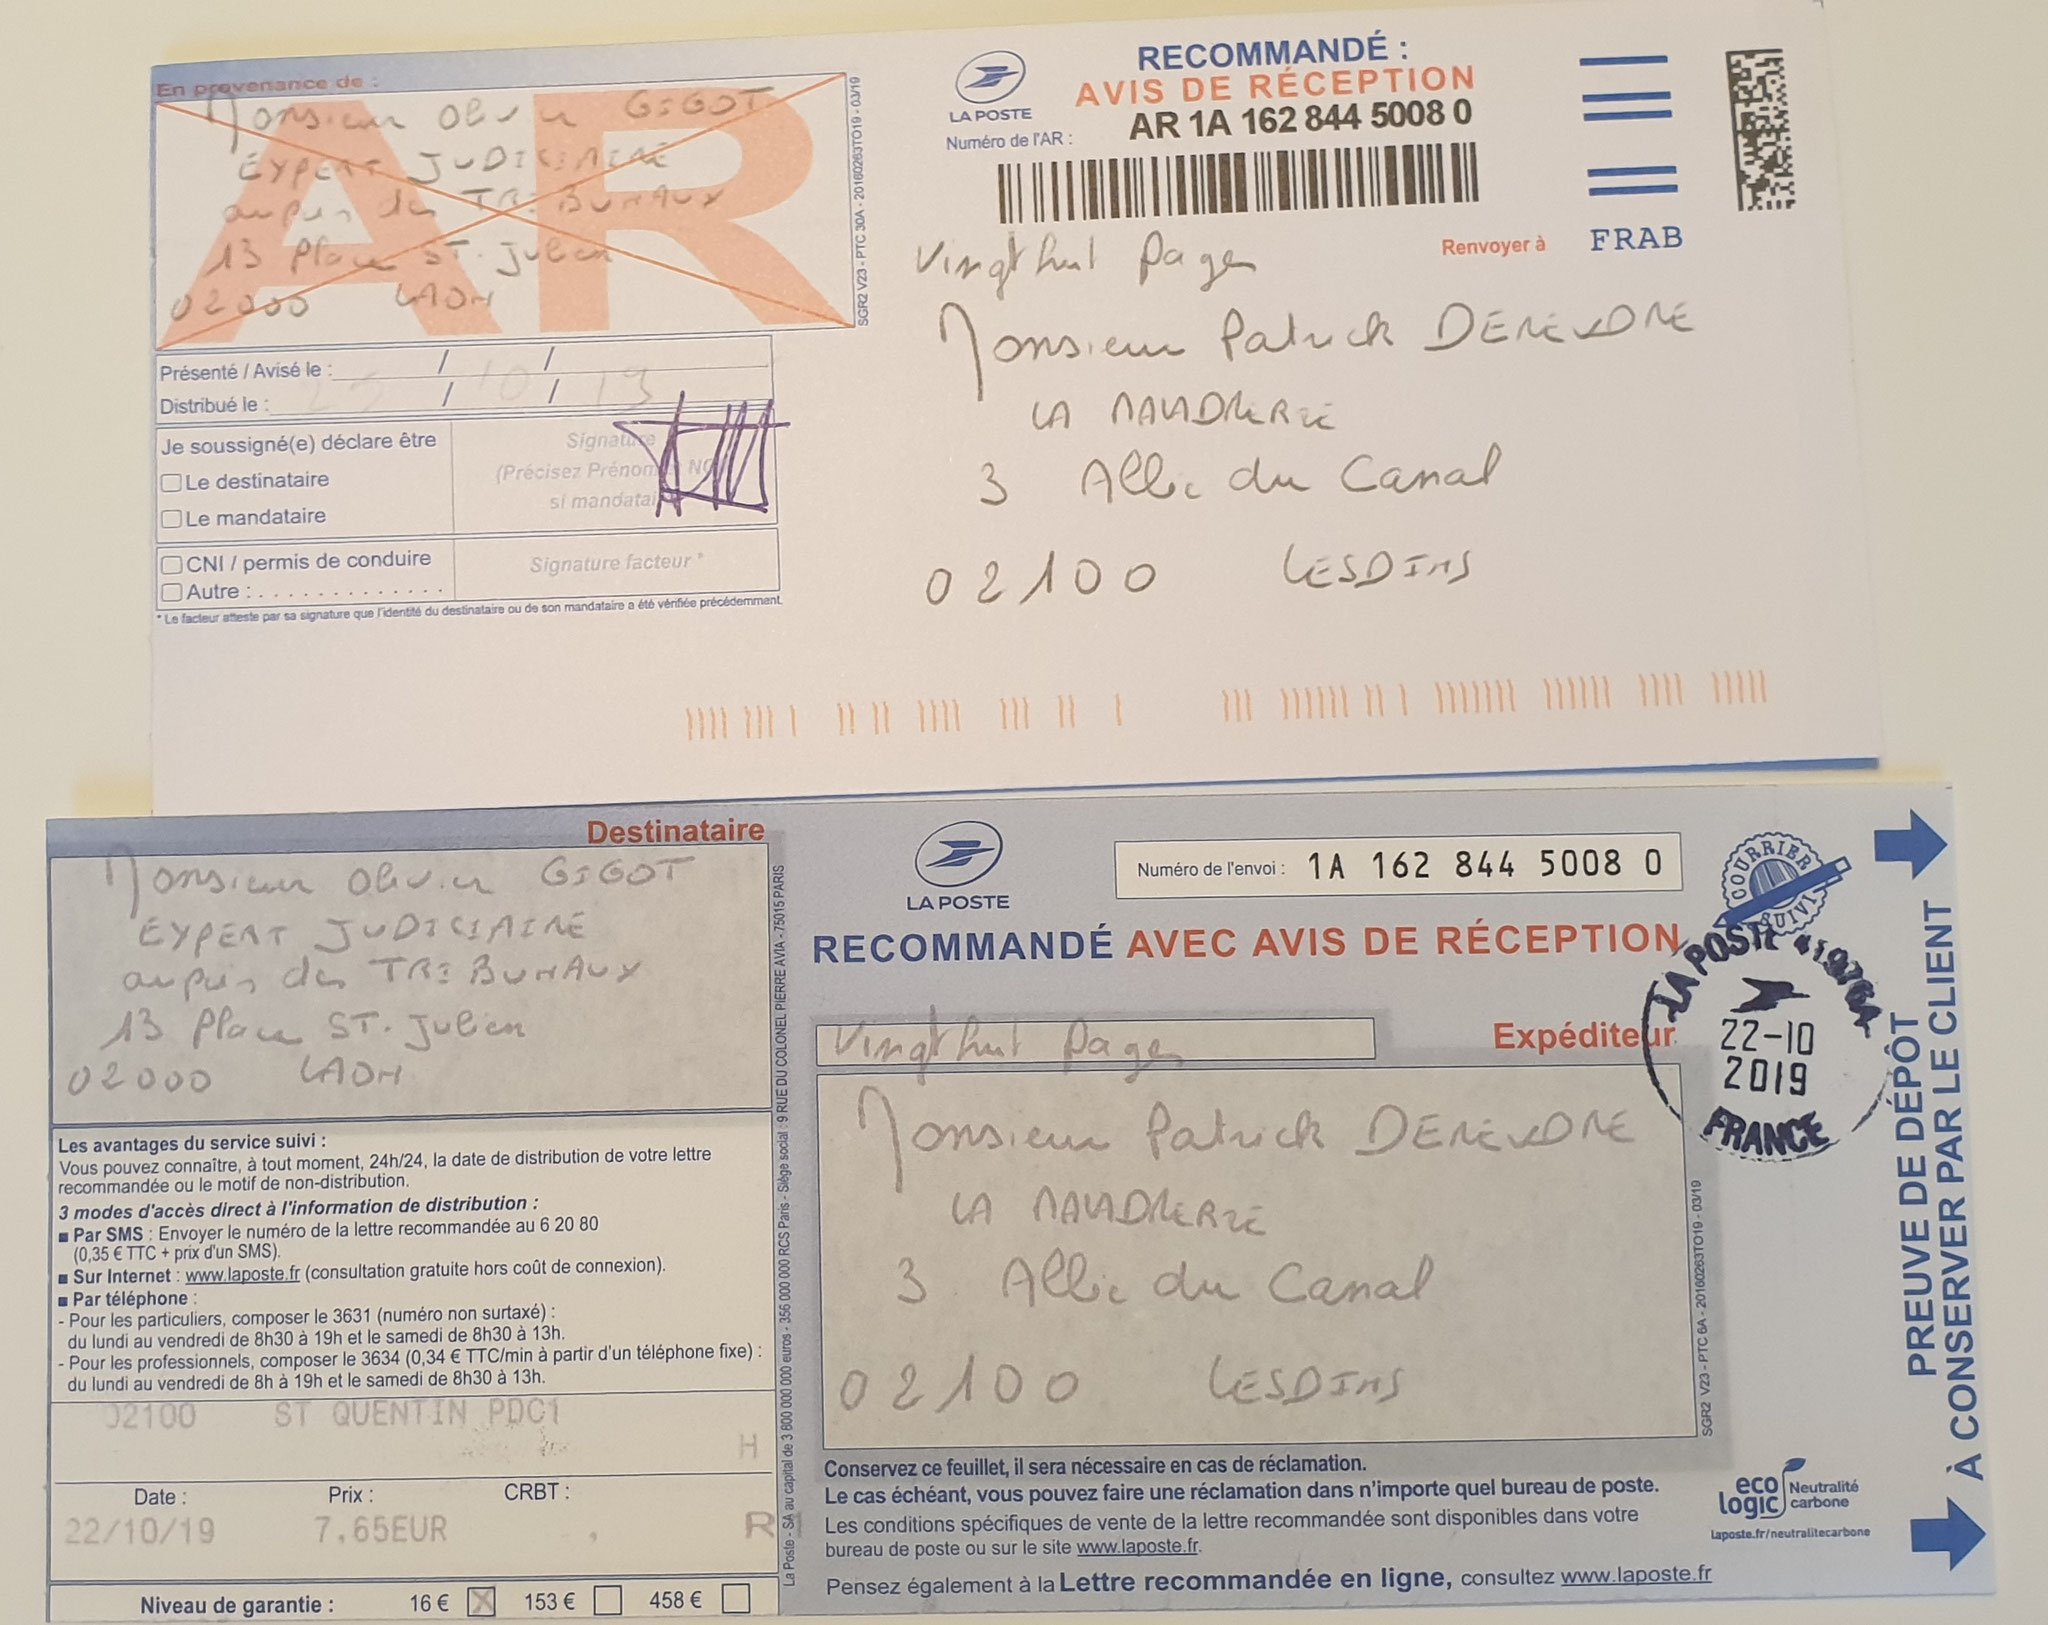 Ma Lettre recommandée à l'Expert Judiciaire mandaté par le Tribunal de Grande Instance de Saint-Quentin Du 16 Octobre 2019 adressé à Monsieur l'Expert Judiciaire Olivier GIGOT soit vingt huit pages en couleurs